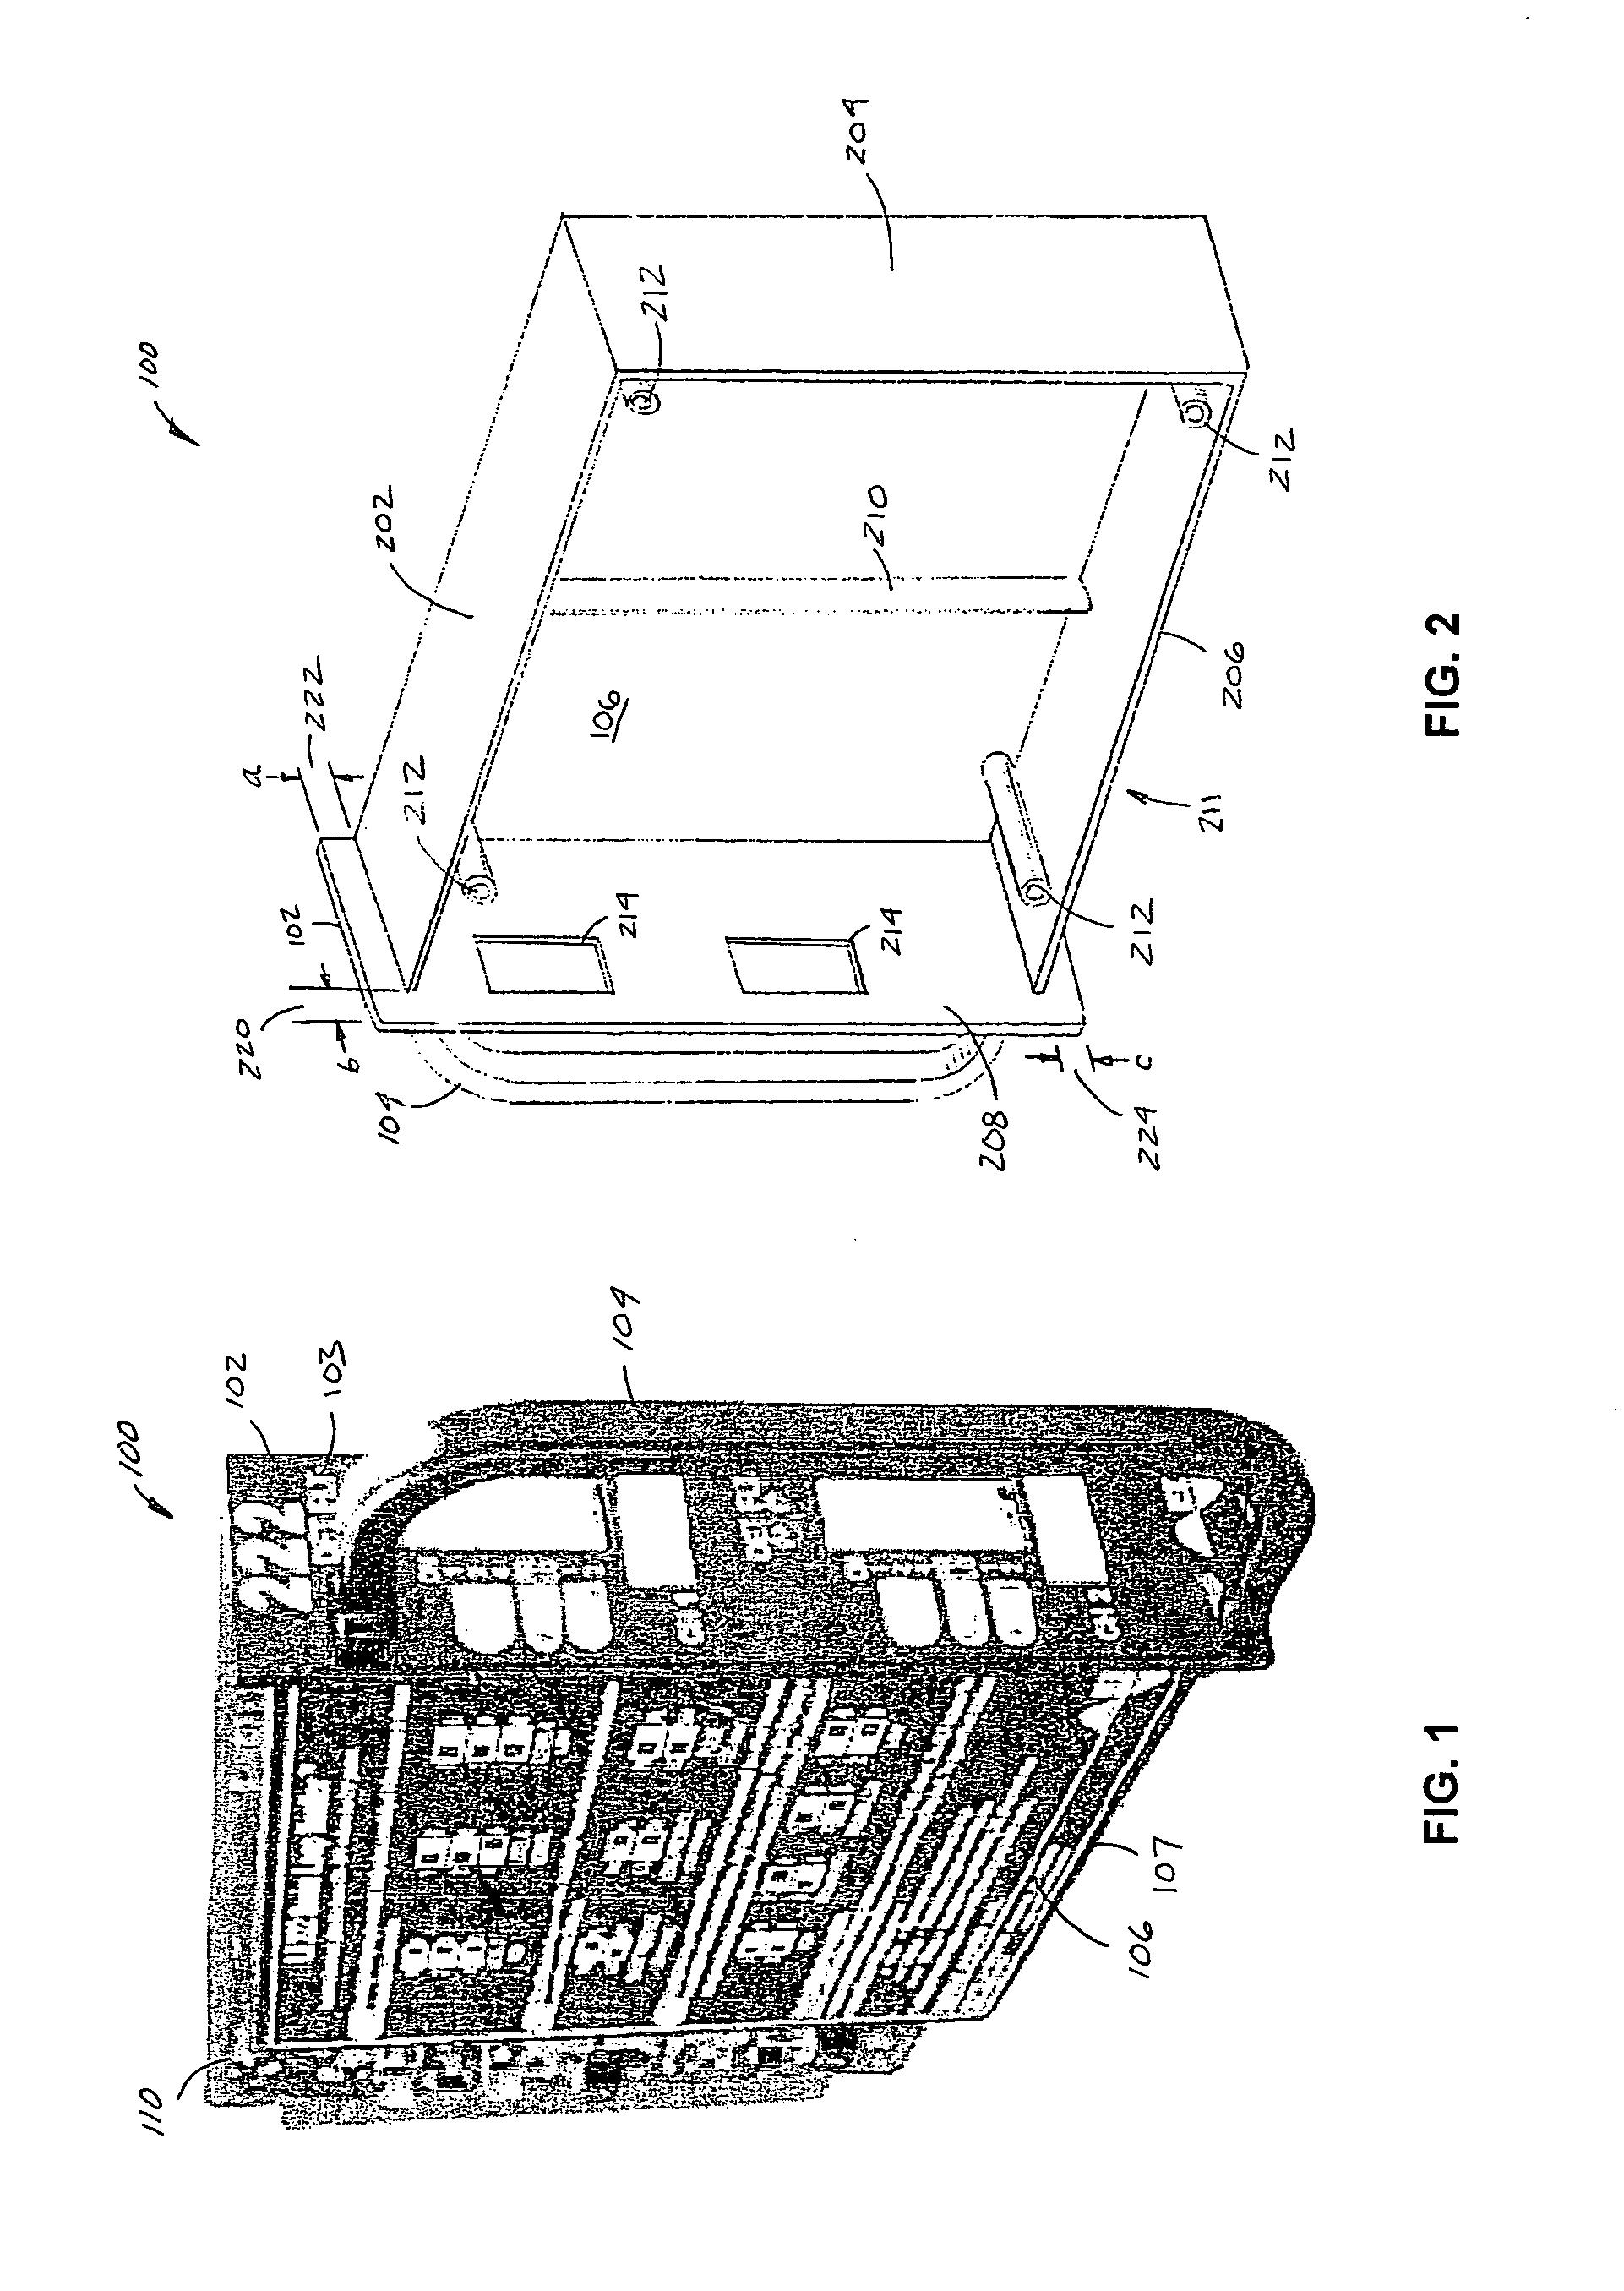 patent us7855893